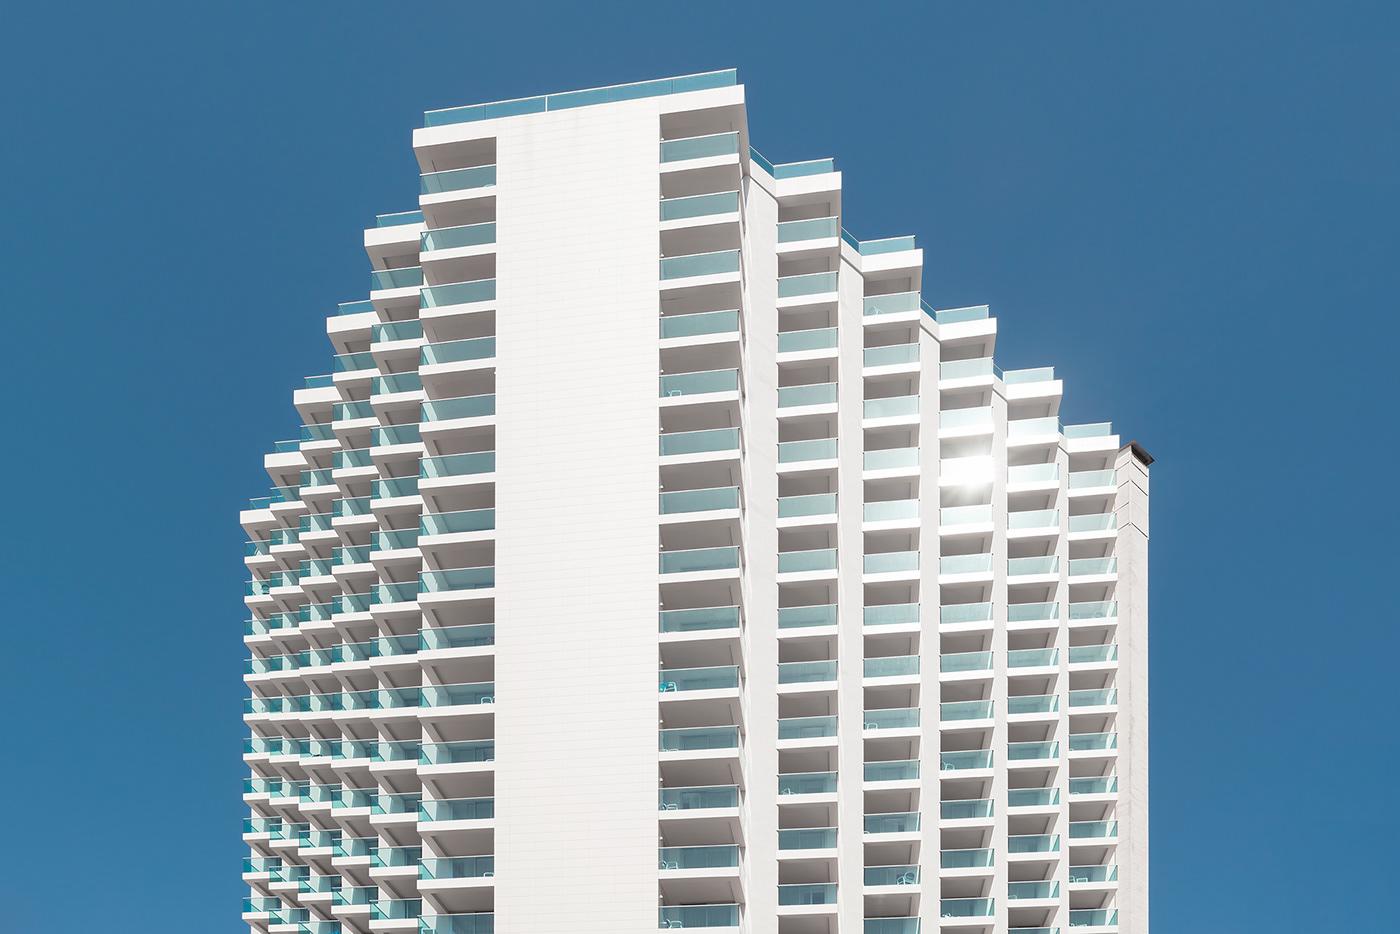 alicante architecture benidorm building color españa holidays hotel spain summer